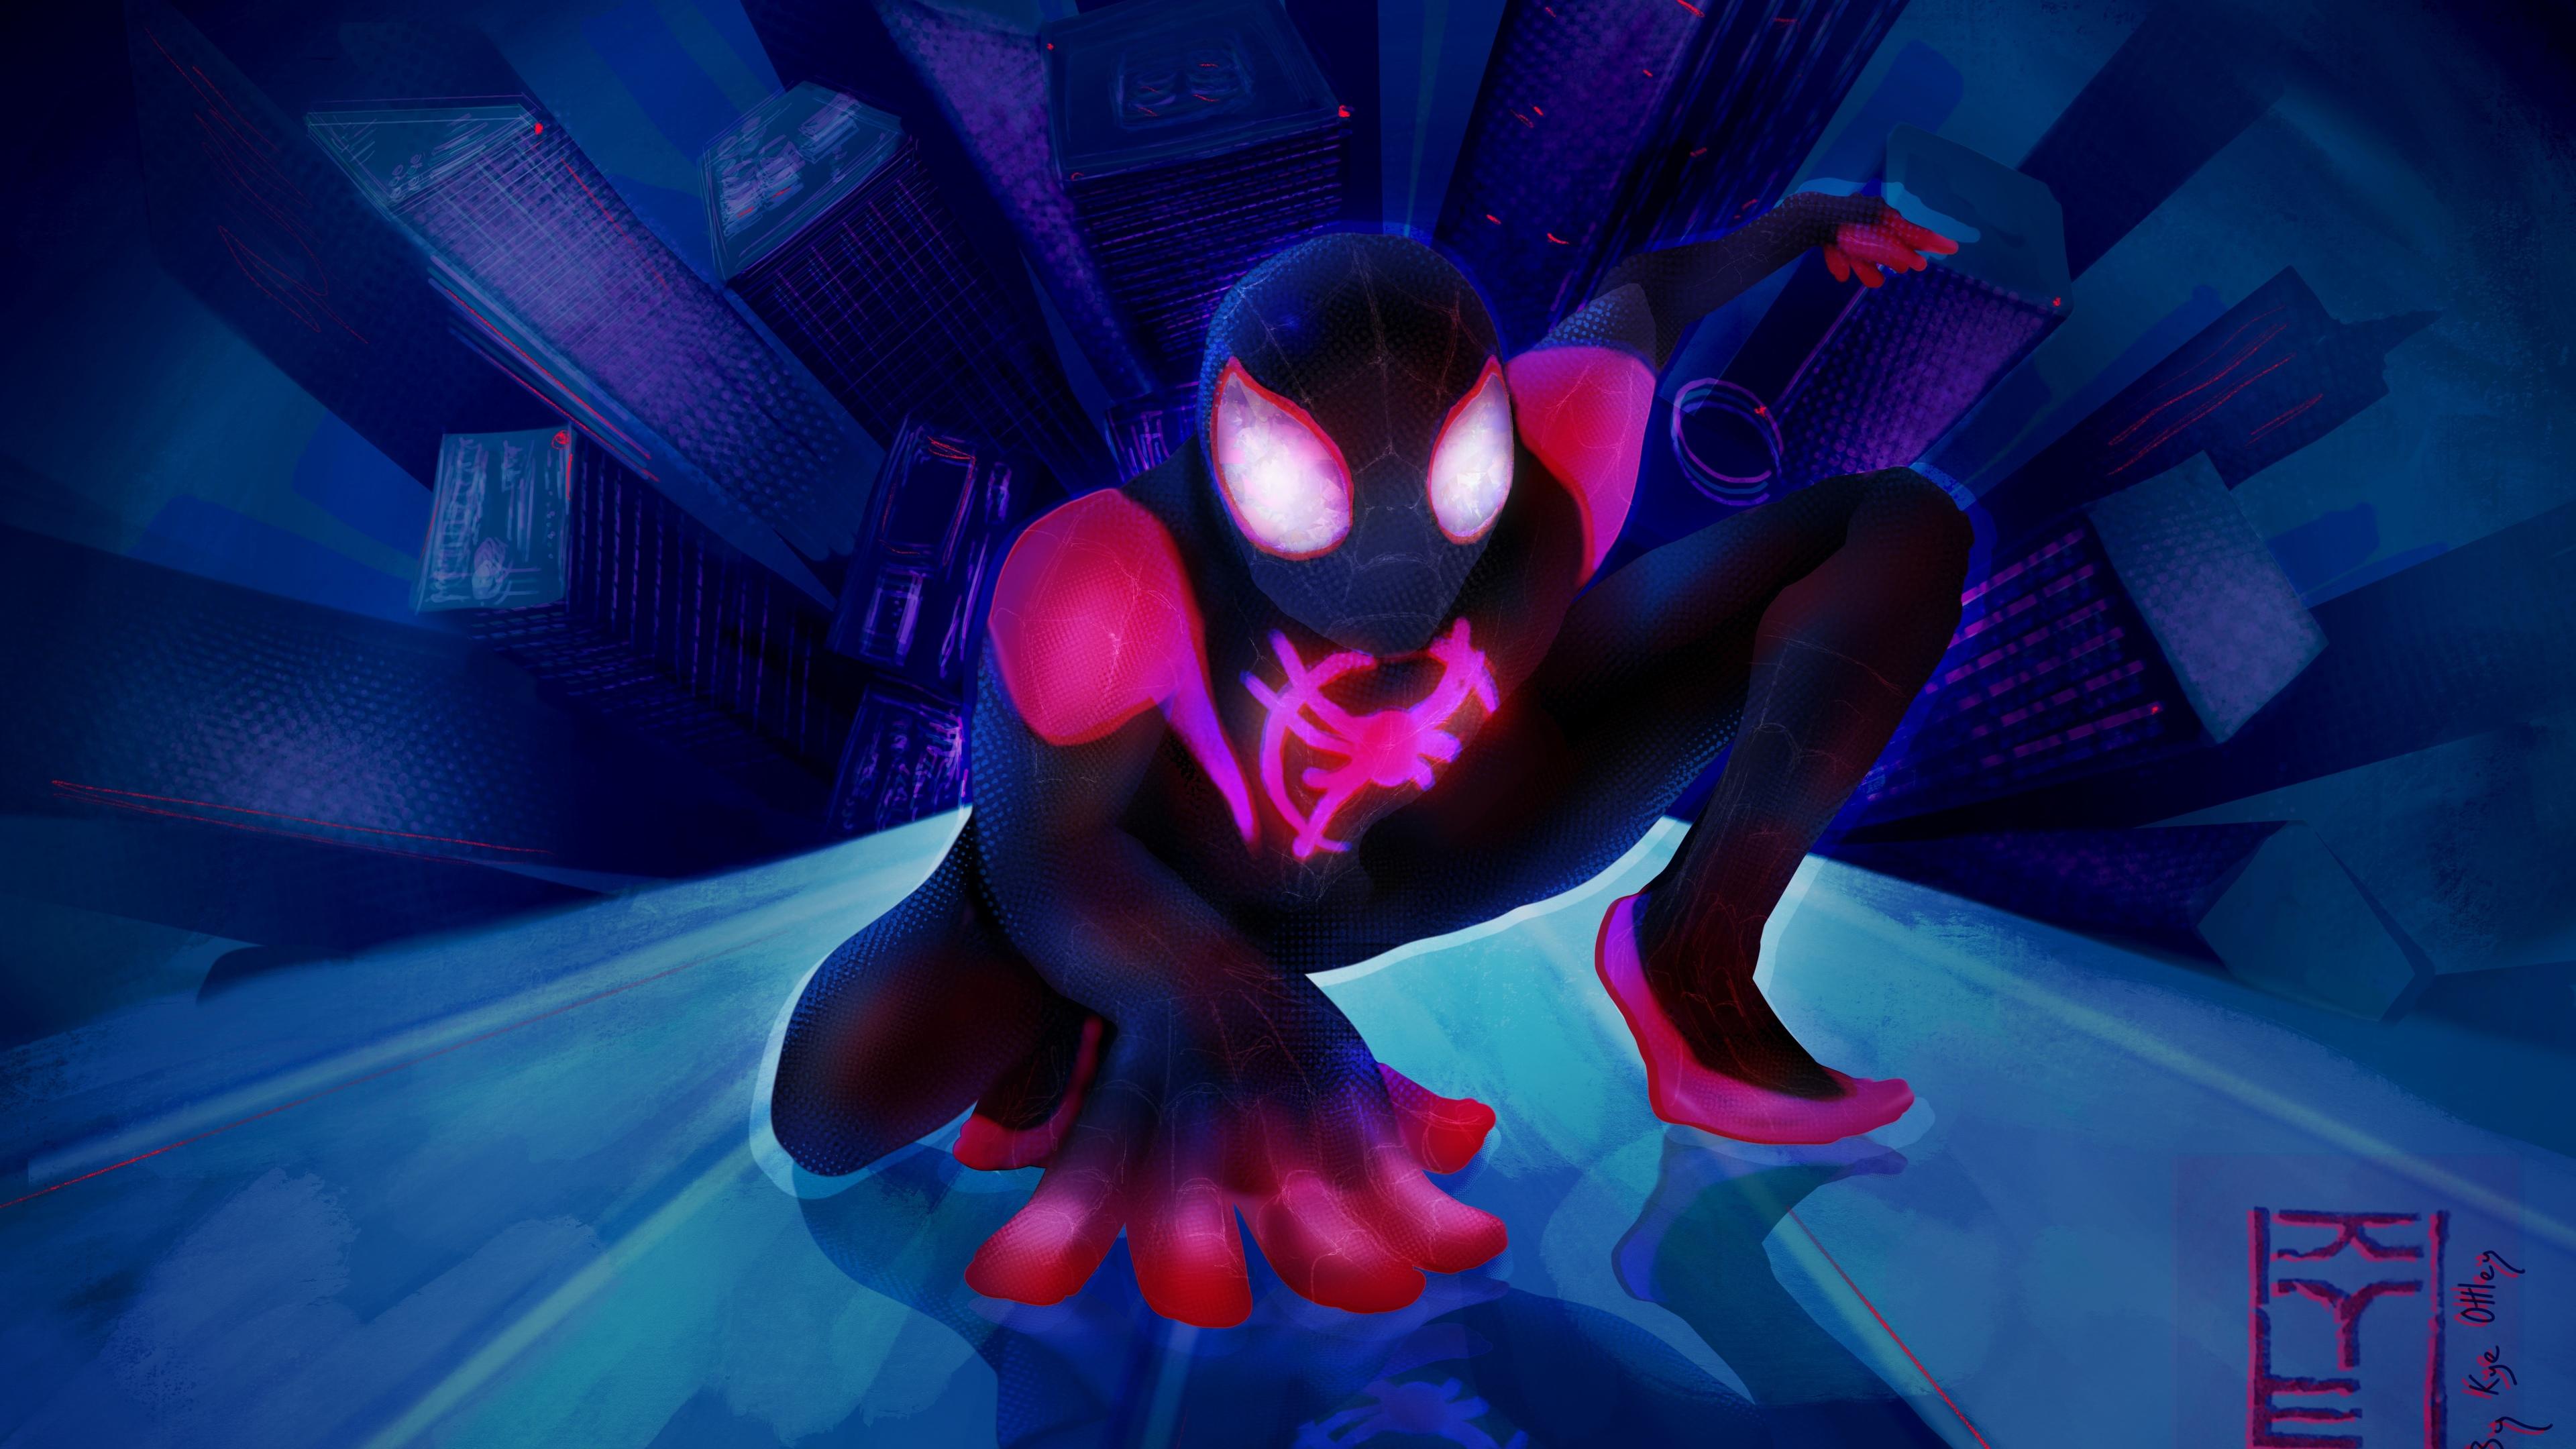 spider man miles 4k 1556184765 - Spider Man Miles 4k - superheroes wallpapers, spiderman wallpapers, hd-wallpapers, digital art wallpapers, artwork wallpapers, 5k wallpapers, 4k-wallpapers